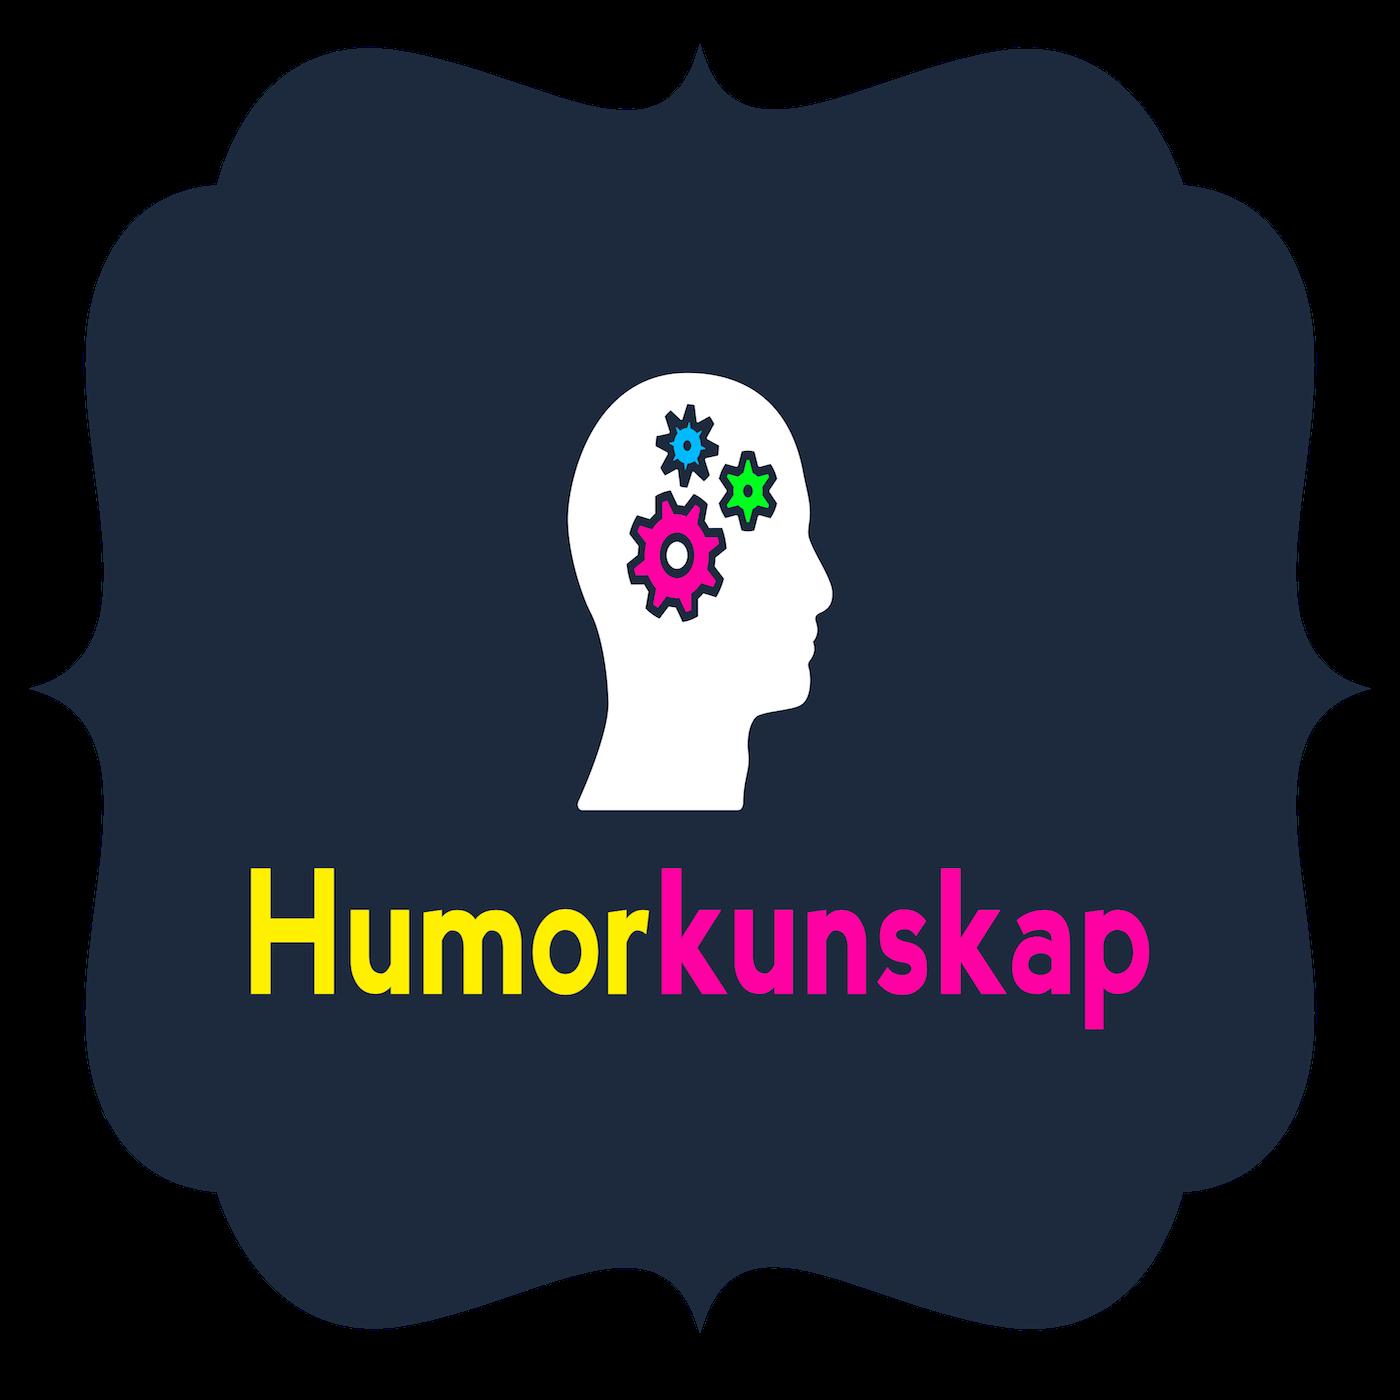 Humorkunskap